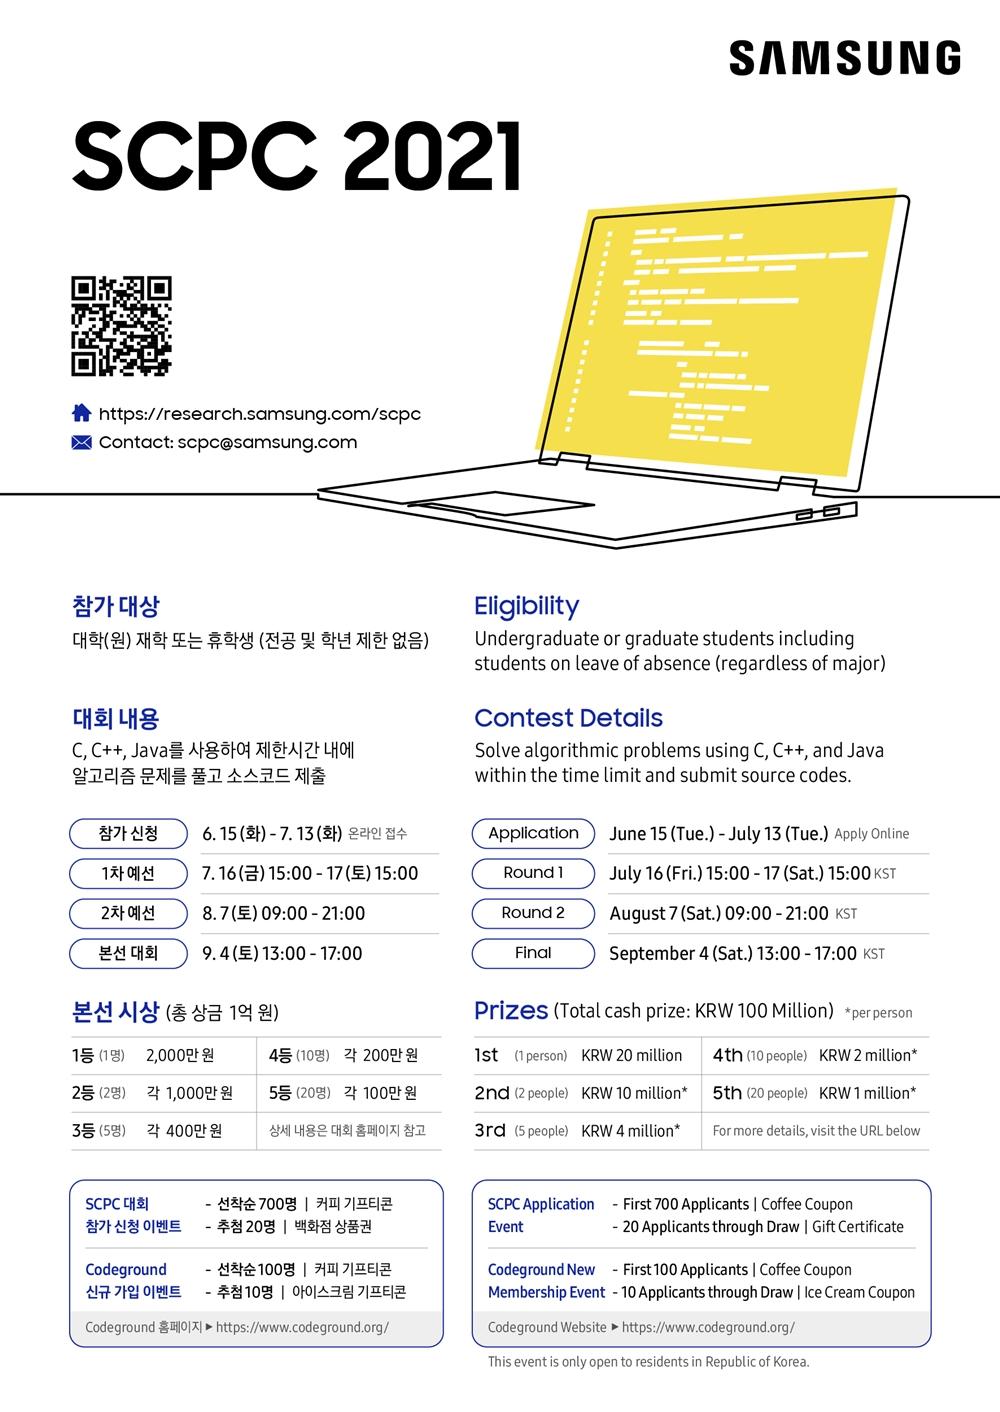 삼성전자 SCPC 2021 포스터(전체)